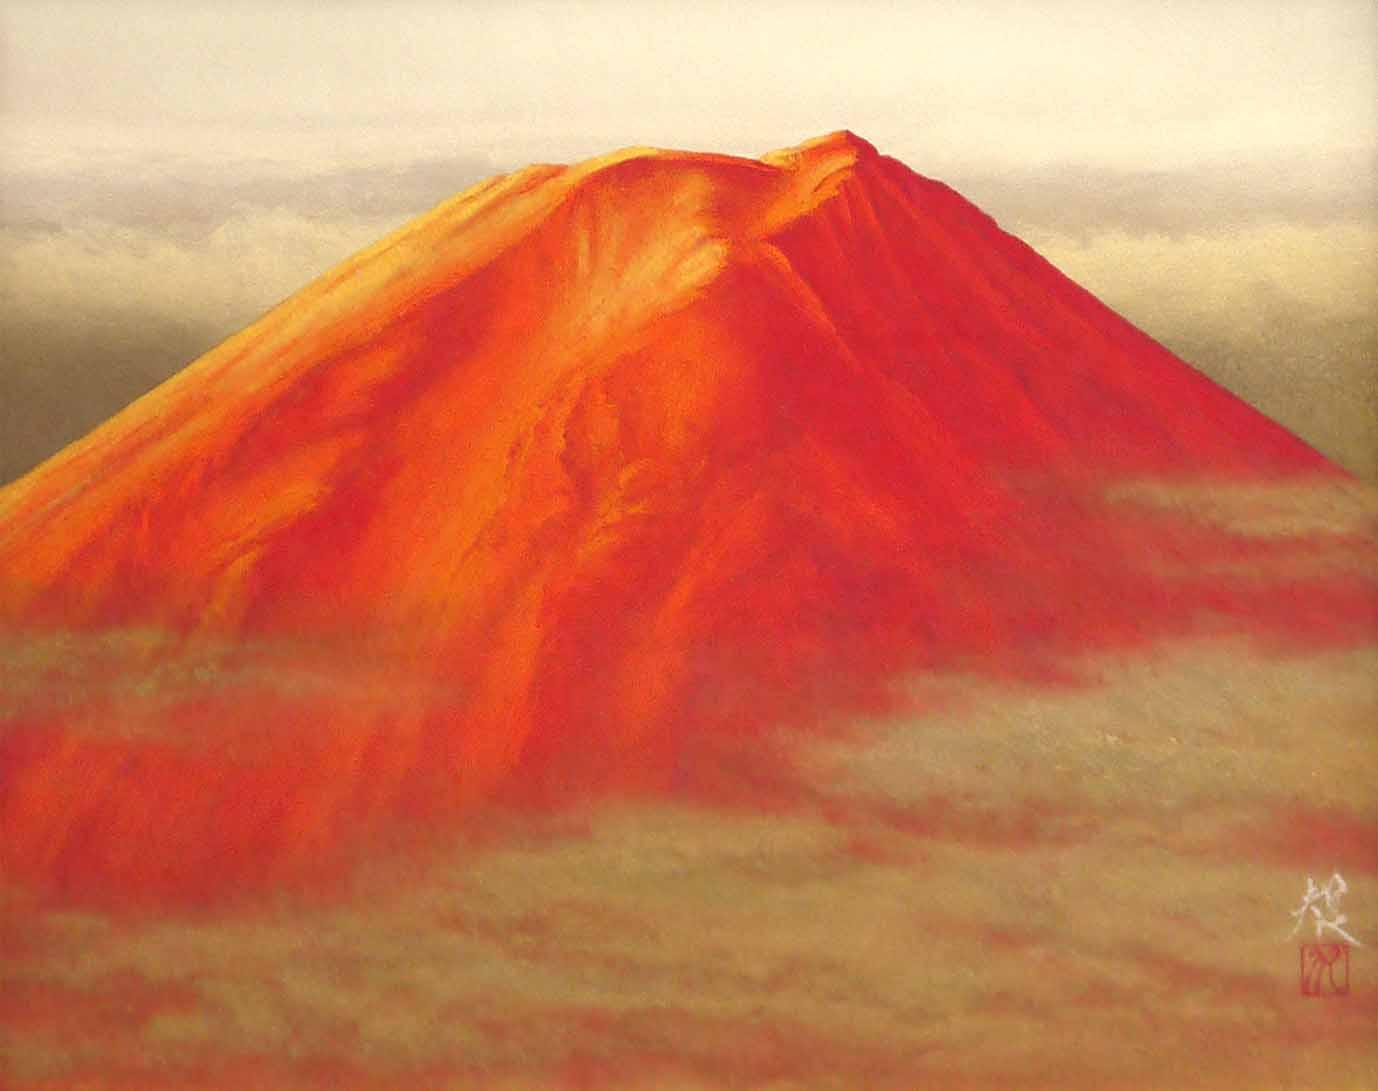 赤富士の画像 p1_23